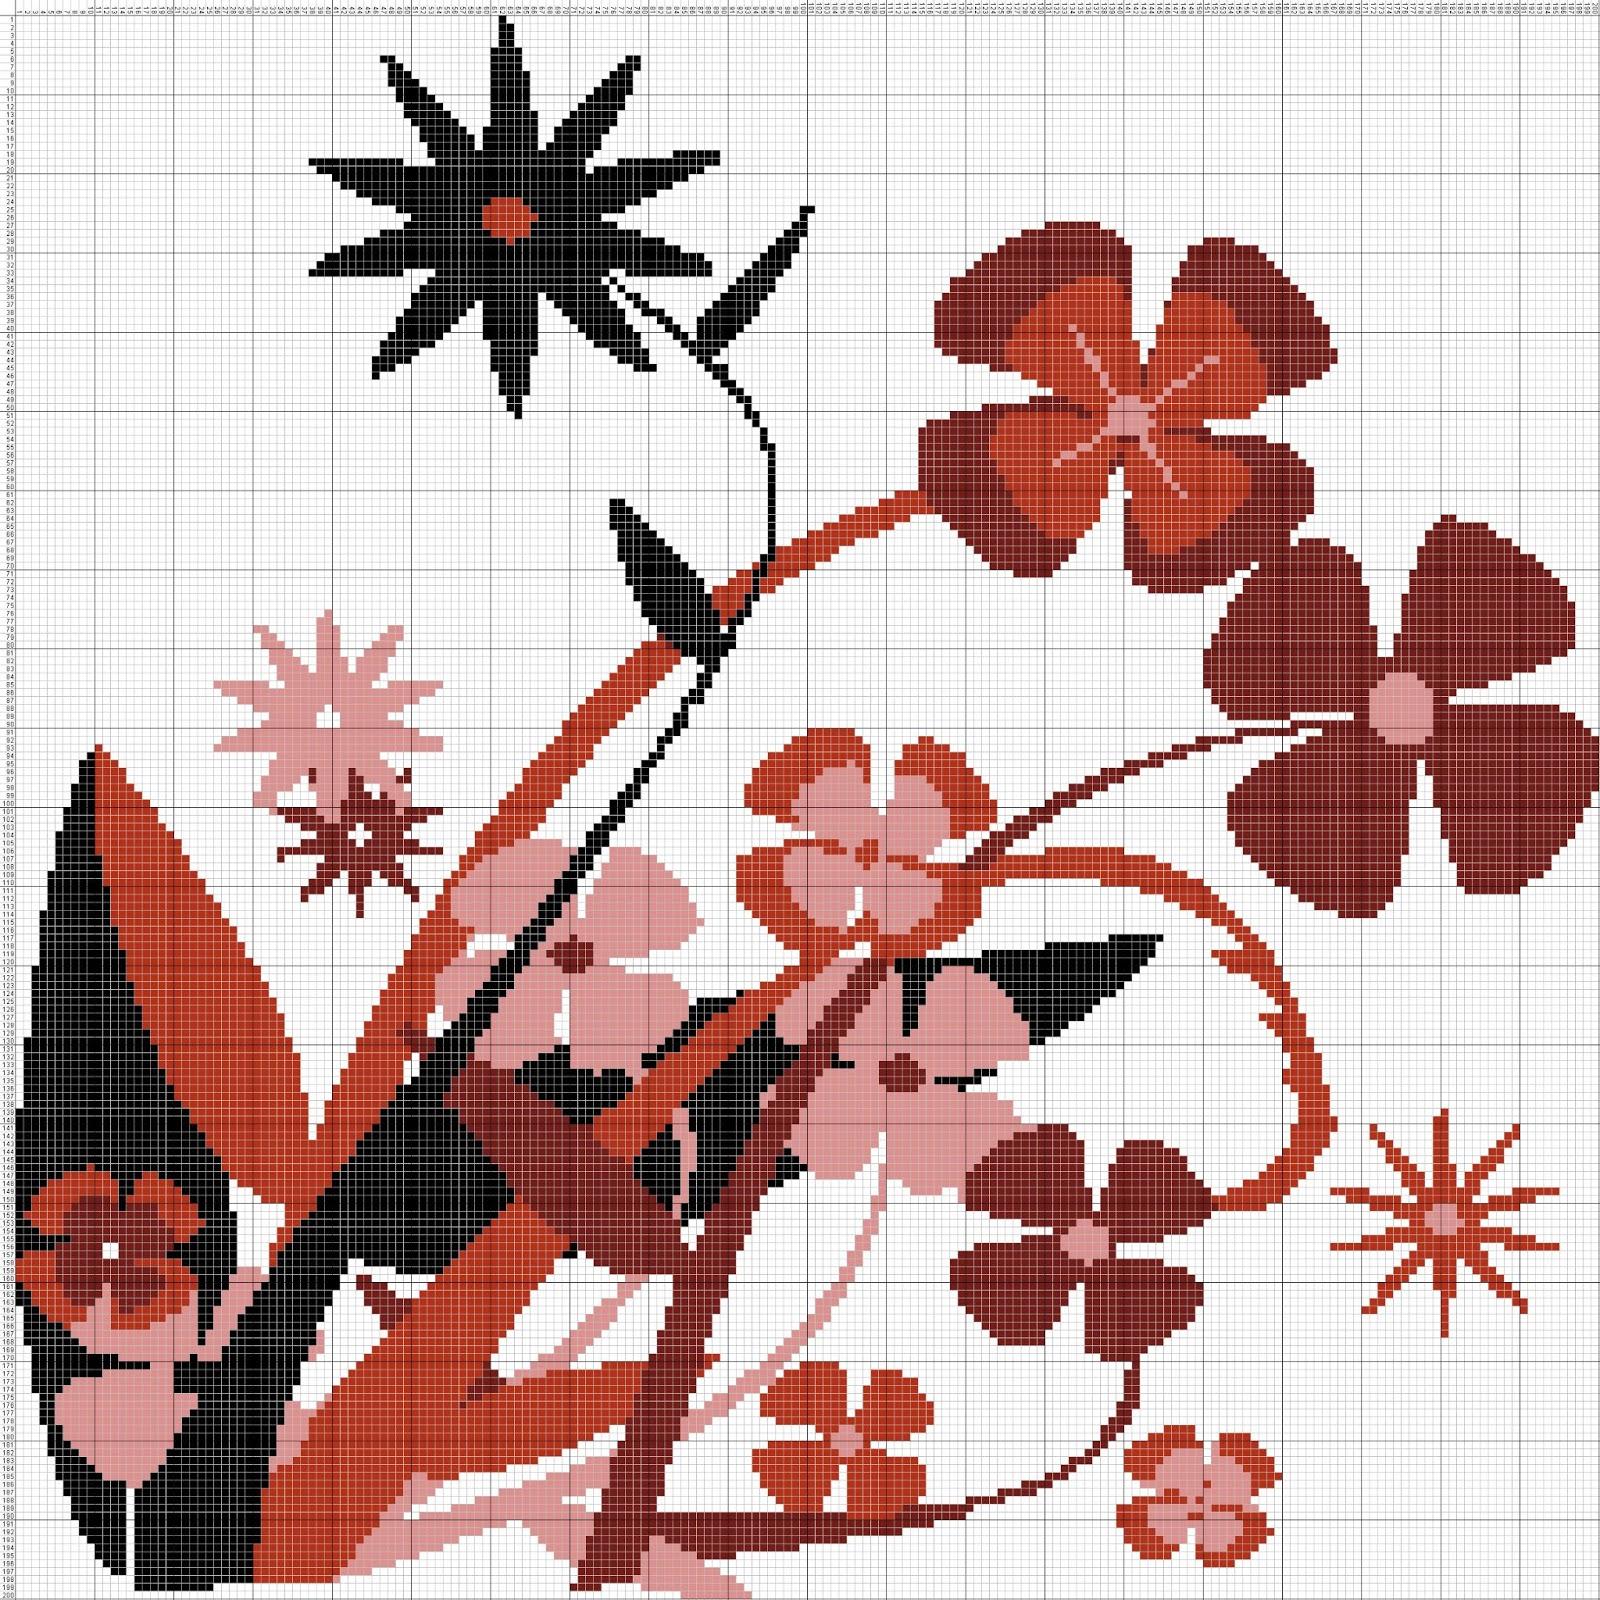 Gambar Pola Kristik Tanaman Bunga